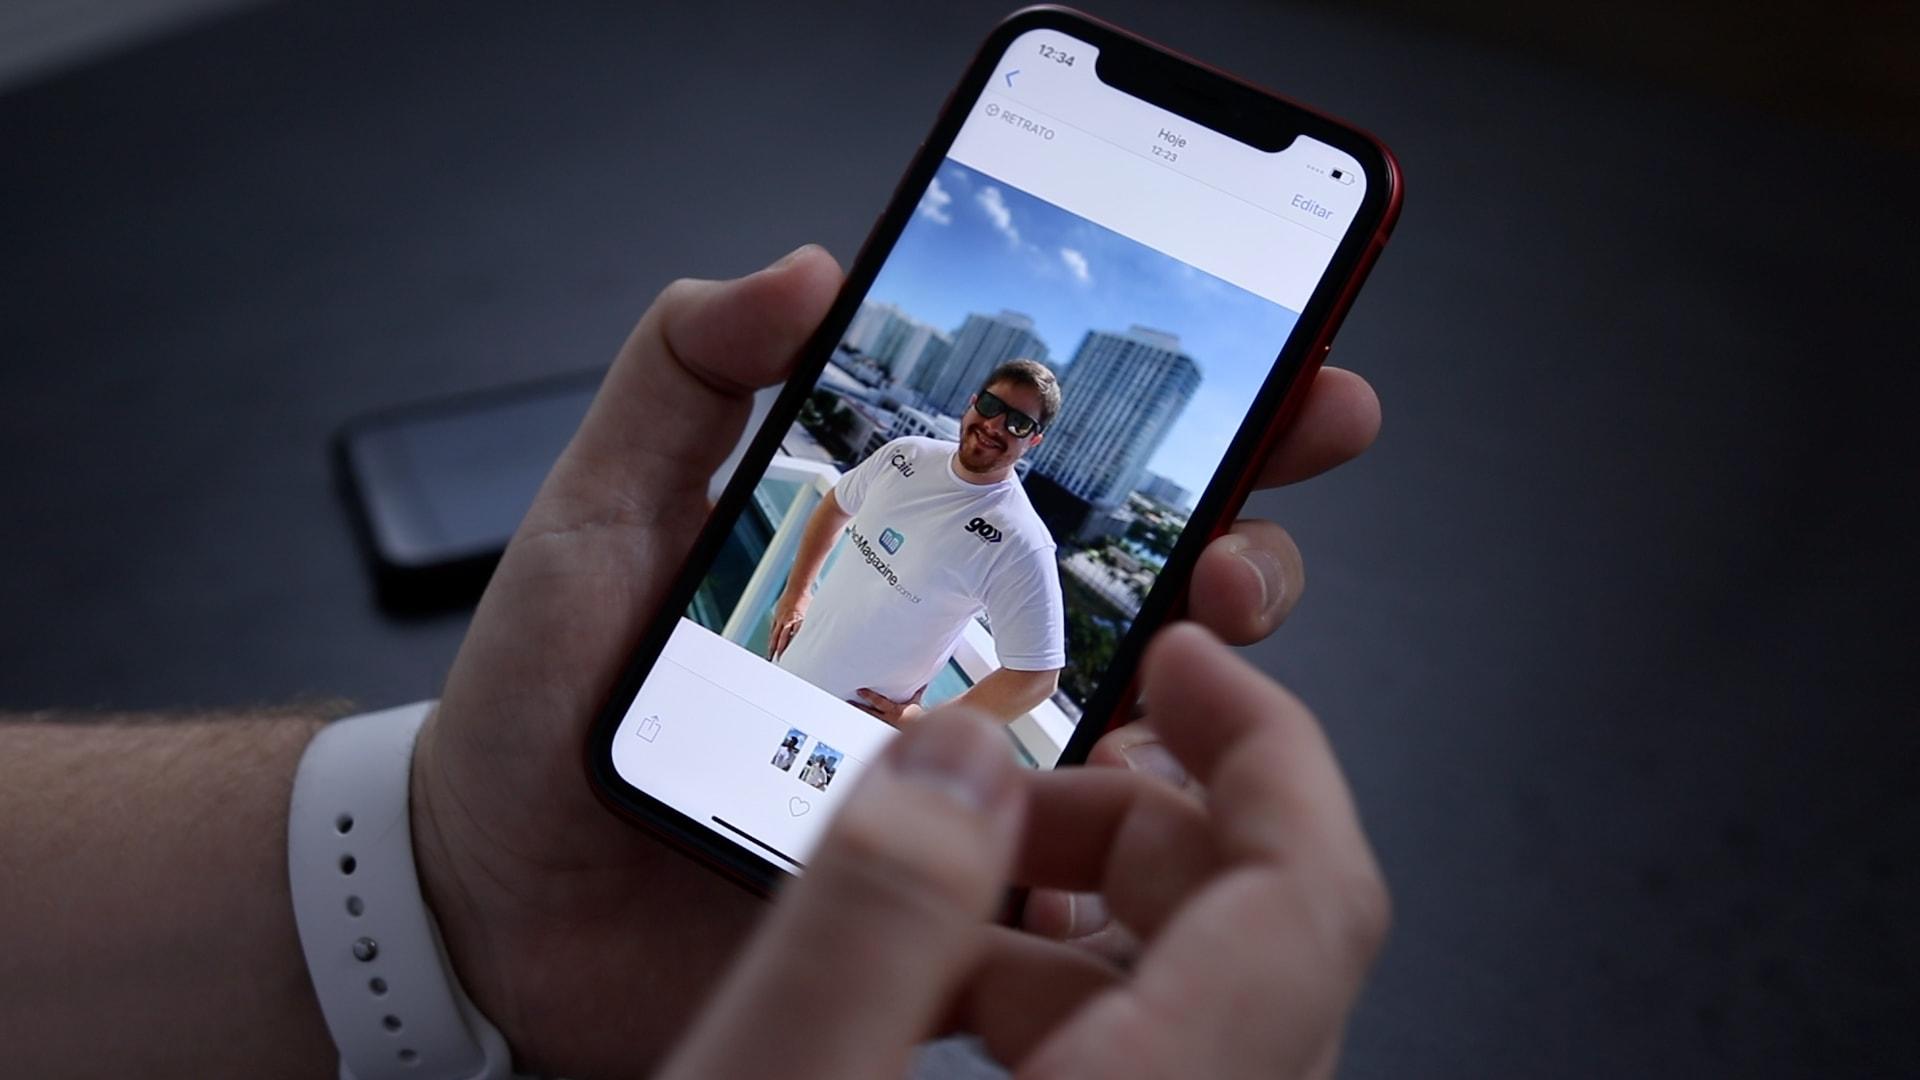 Vídeo sobre a câmera do iPhone XR